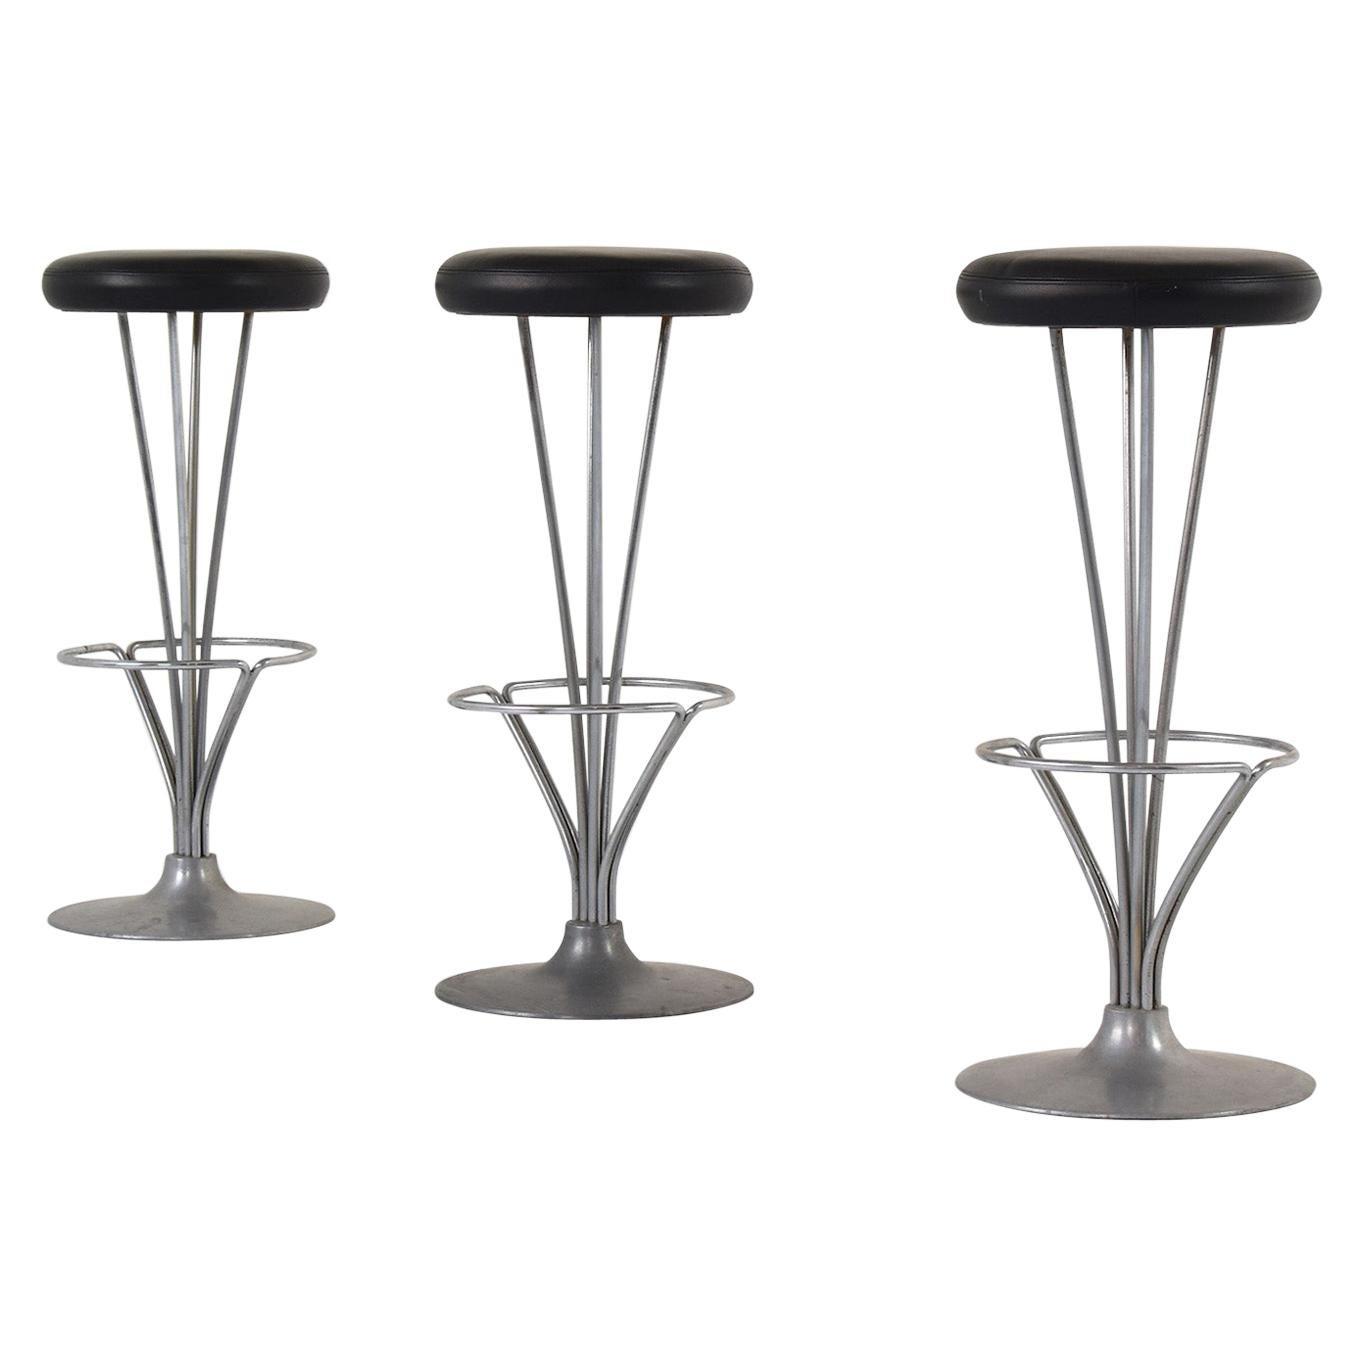 Set of Three Bar Stools by Piet Hein for Fritz Hansen, Denmark, 1960s